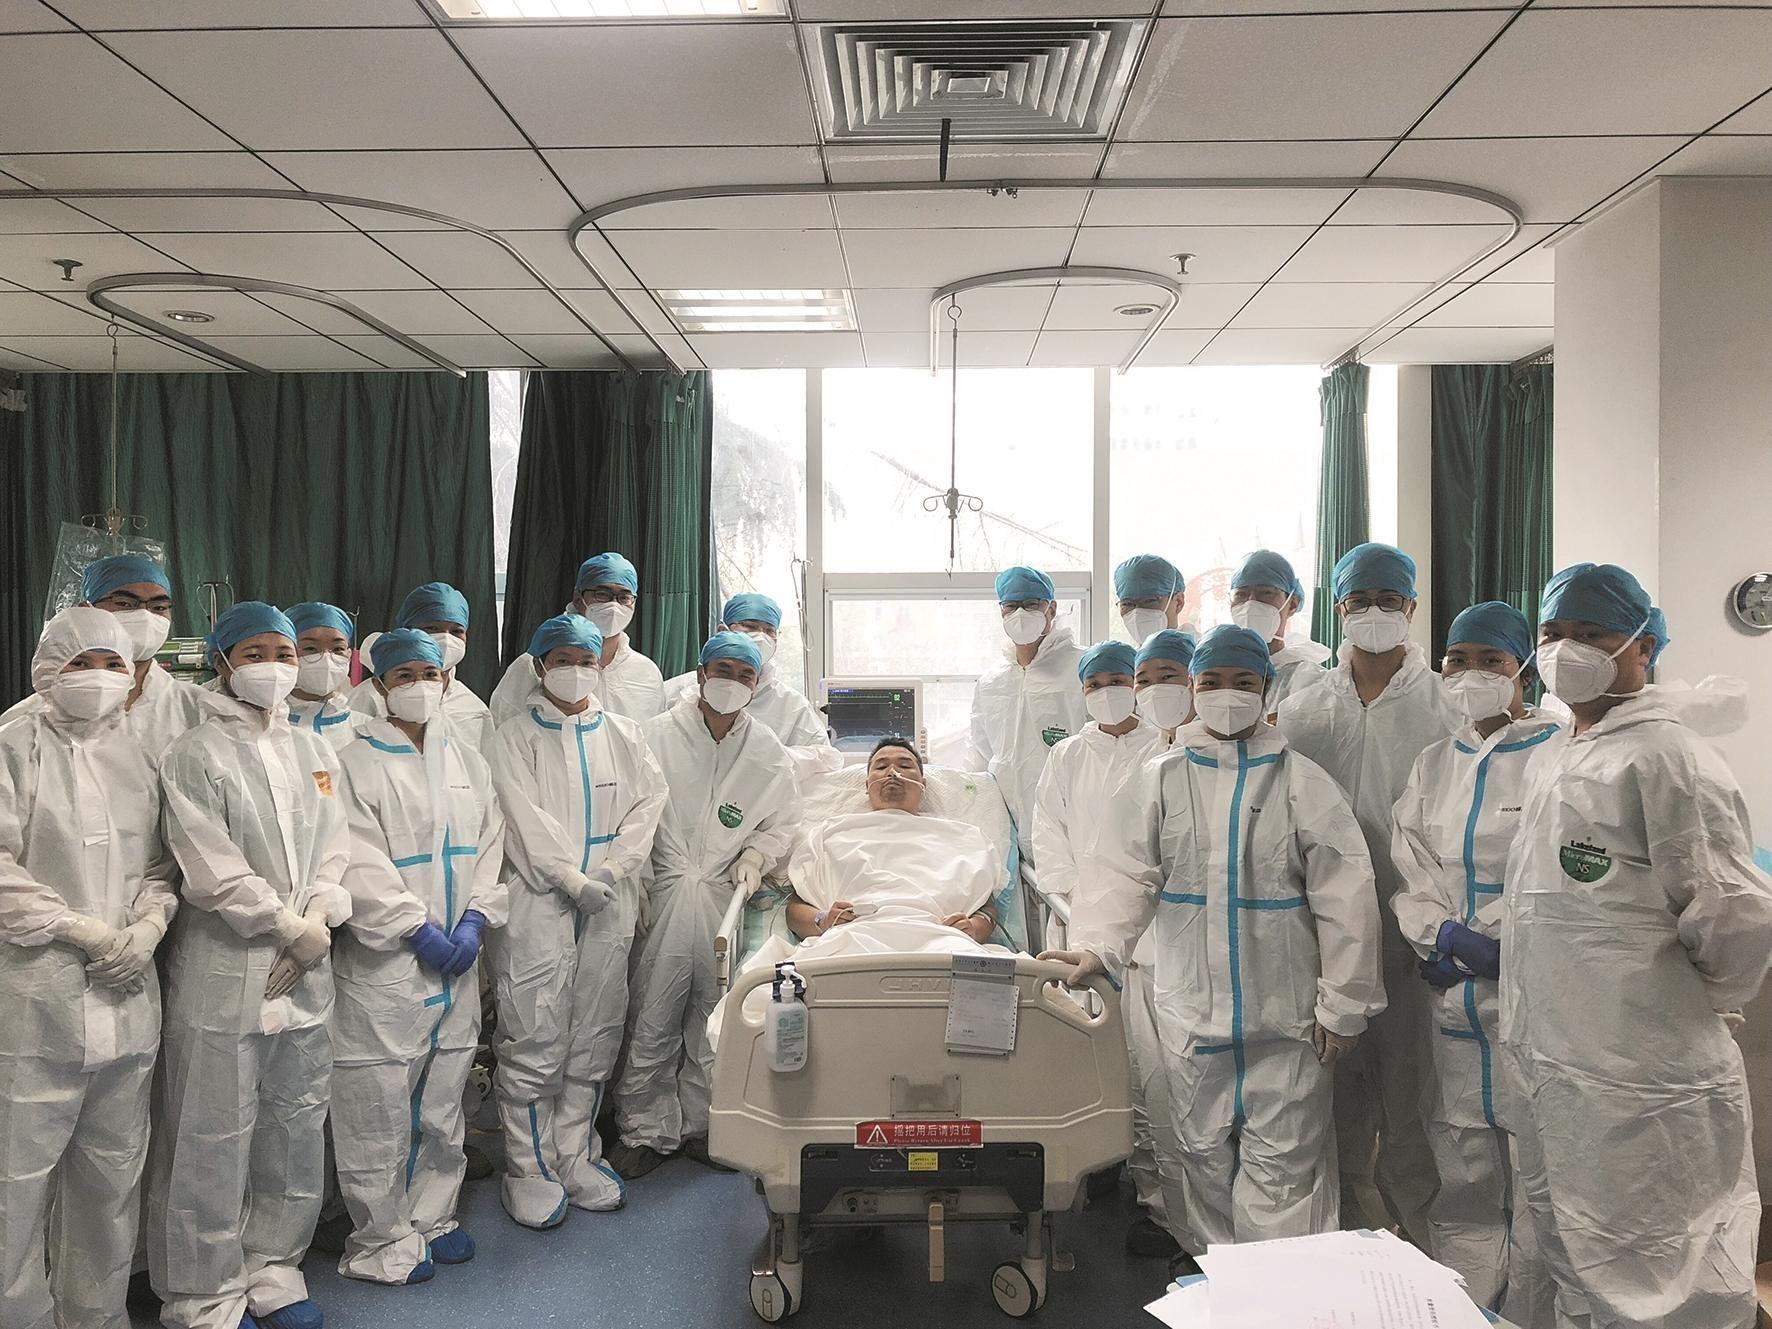 心跳骤停10分钟 男子经39小时抢救起死回生